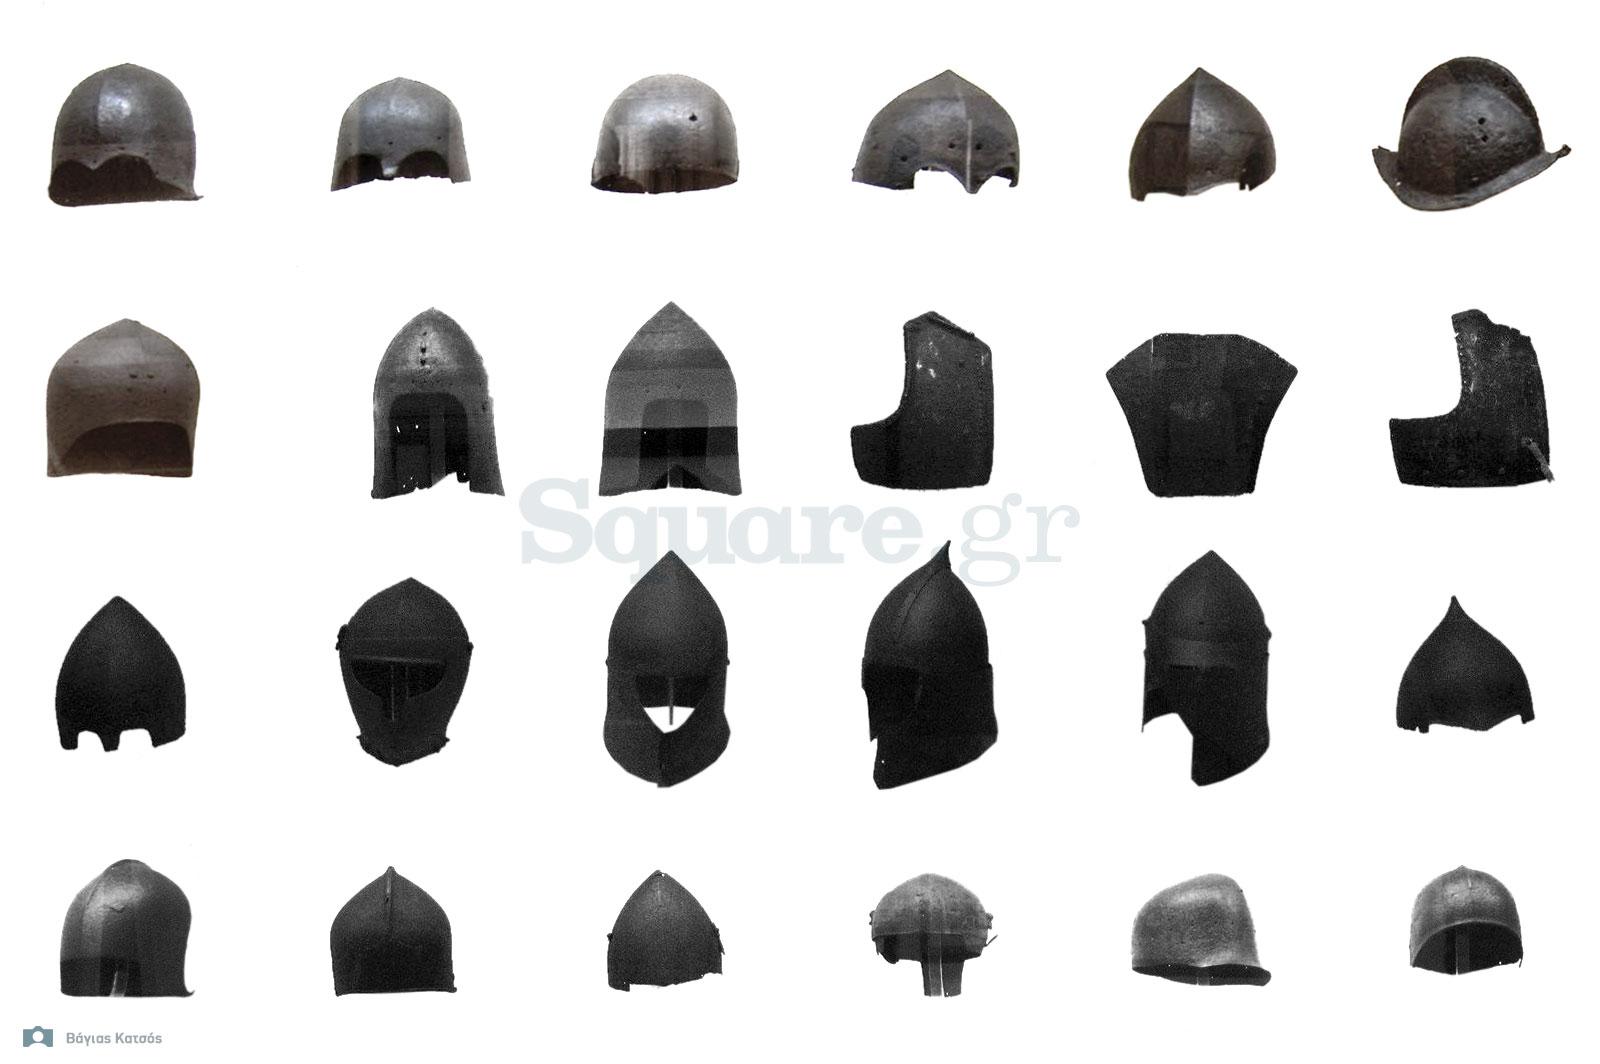 2-Η-εναποθηκευμένη-συλλογή-εξοπλισμού-της-Χαλκίδας-περιελάμβανε-διάφορους-αντιπροσωπευτικούς-τύπους-κρανών-των-μεσαιωνικών-χρόνων